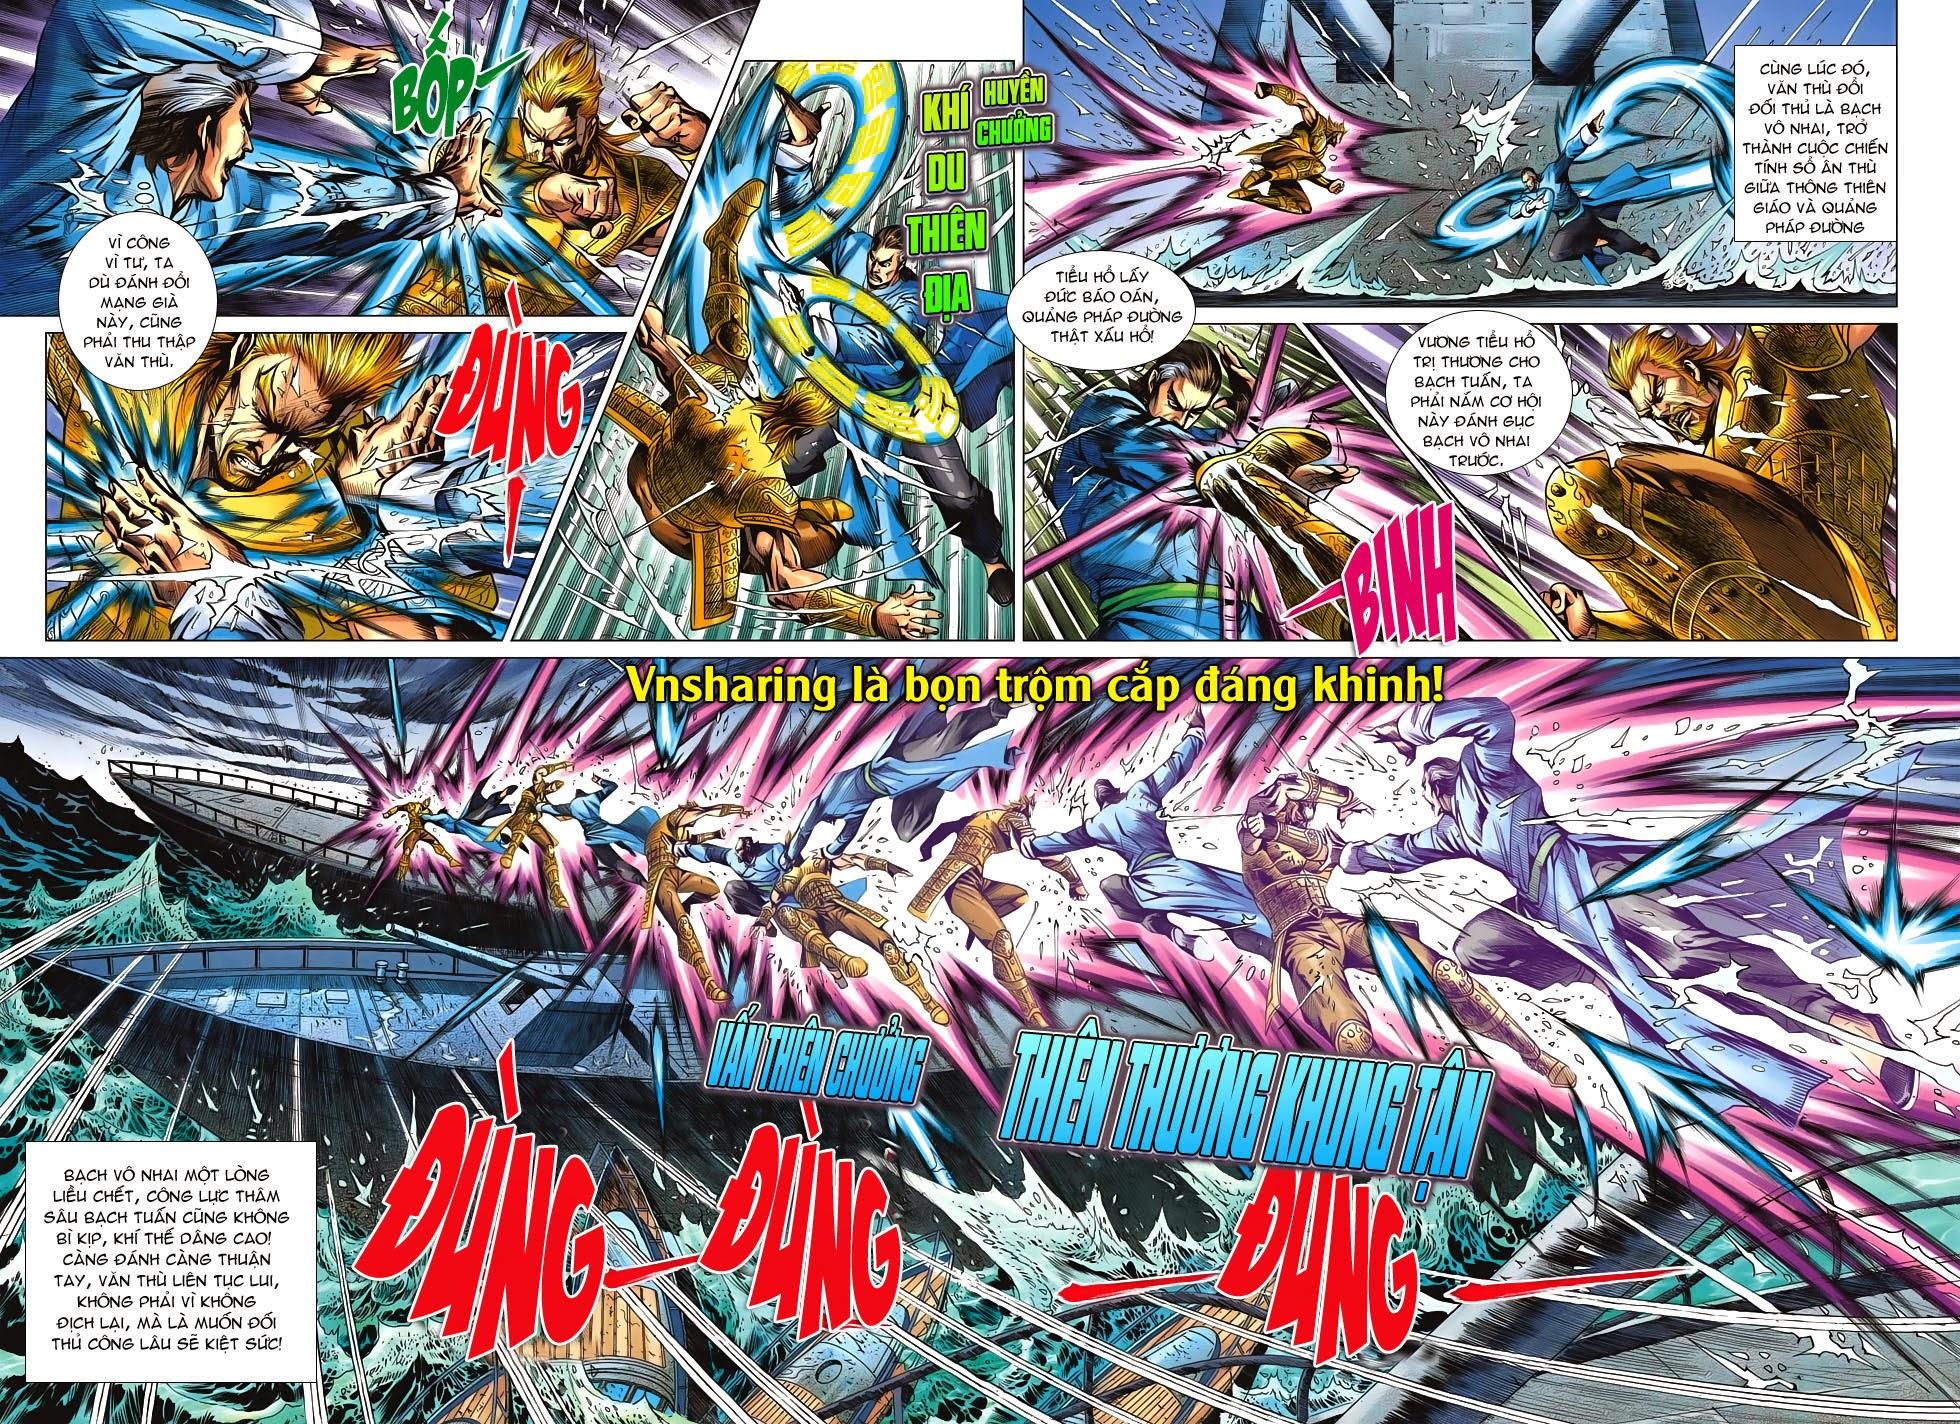 Tân Tác Long Hổ Môn Chap 606 page 8 - Truyentranhaz.net